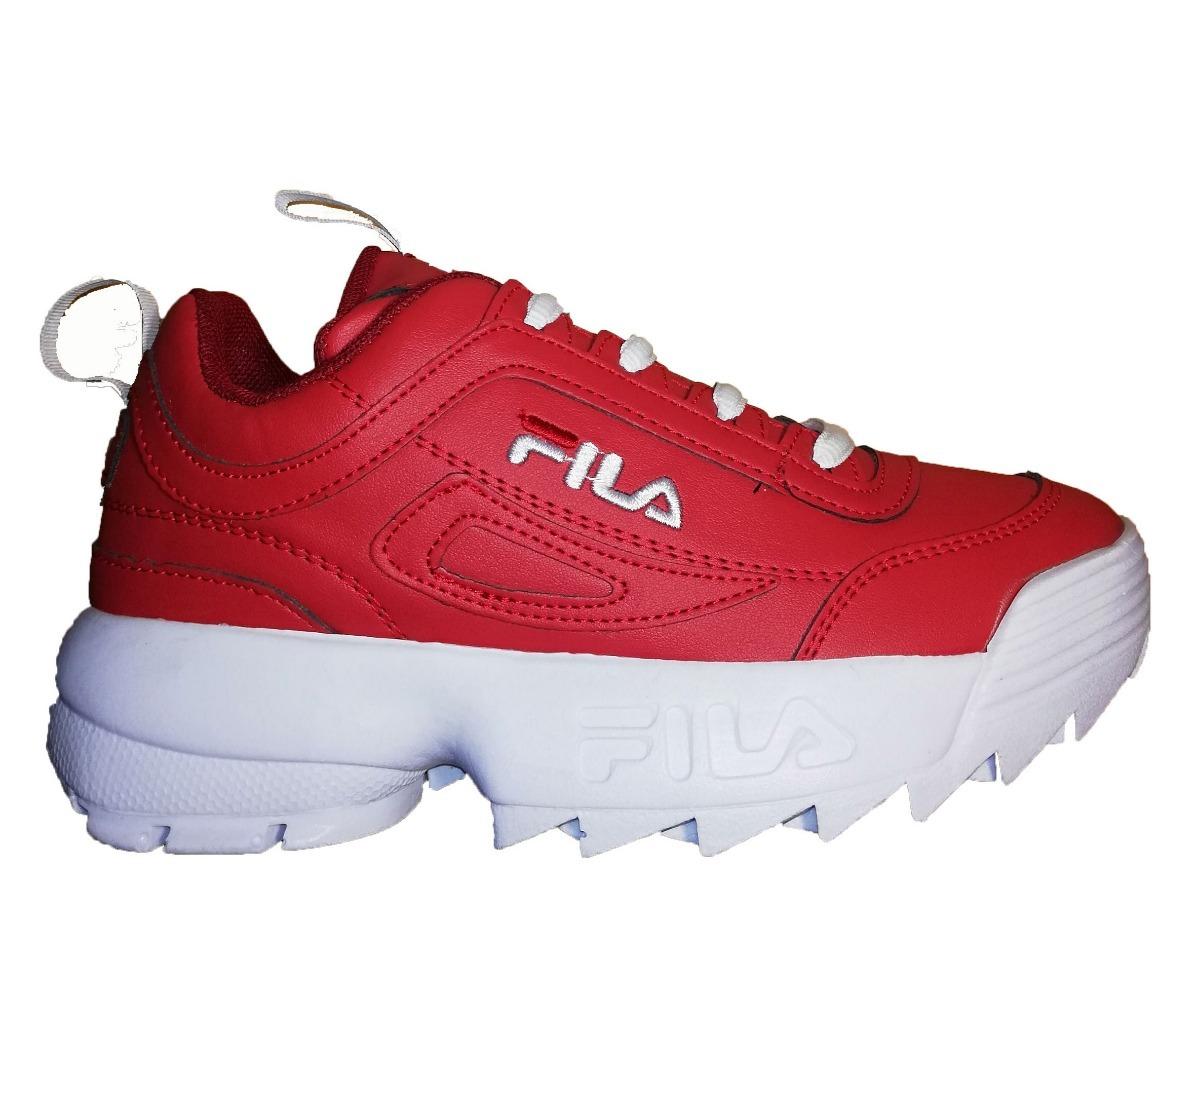 especial para zapato nueva productos super popular Tenis Estilo Fila Clon Deportivo Rojo Envio Gratis